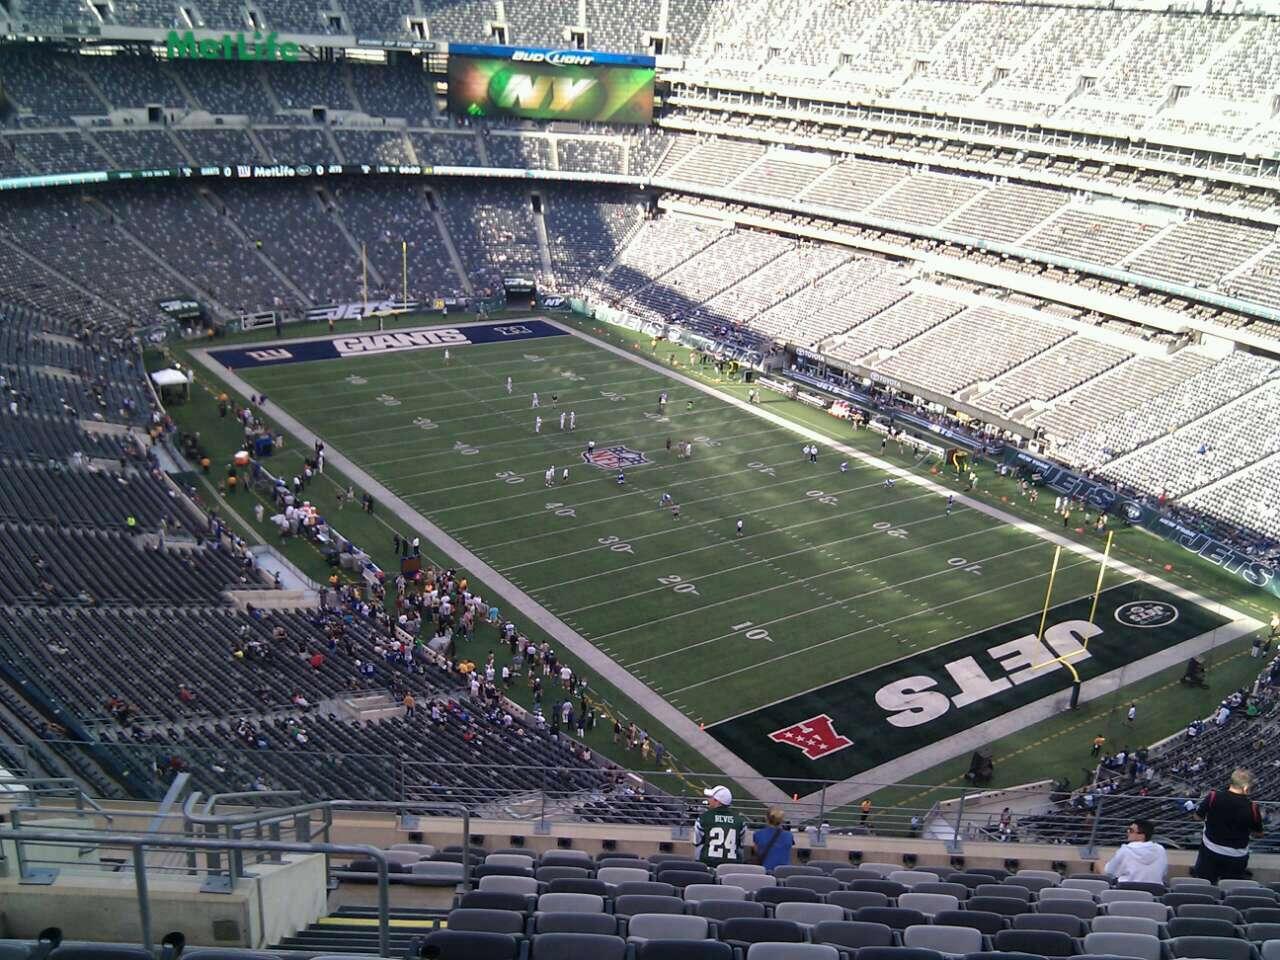 MetLife Stadium Section 331 - Giants/Jets - RateYourSeats.com